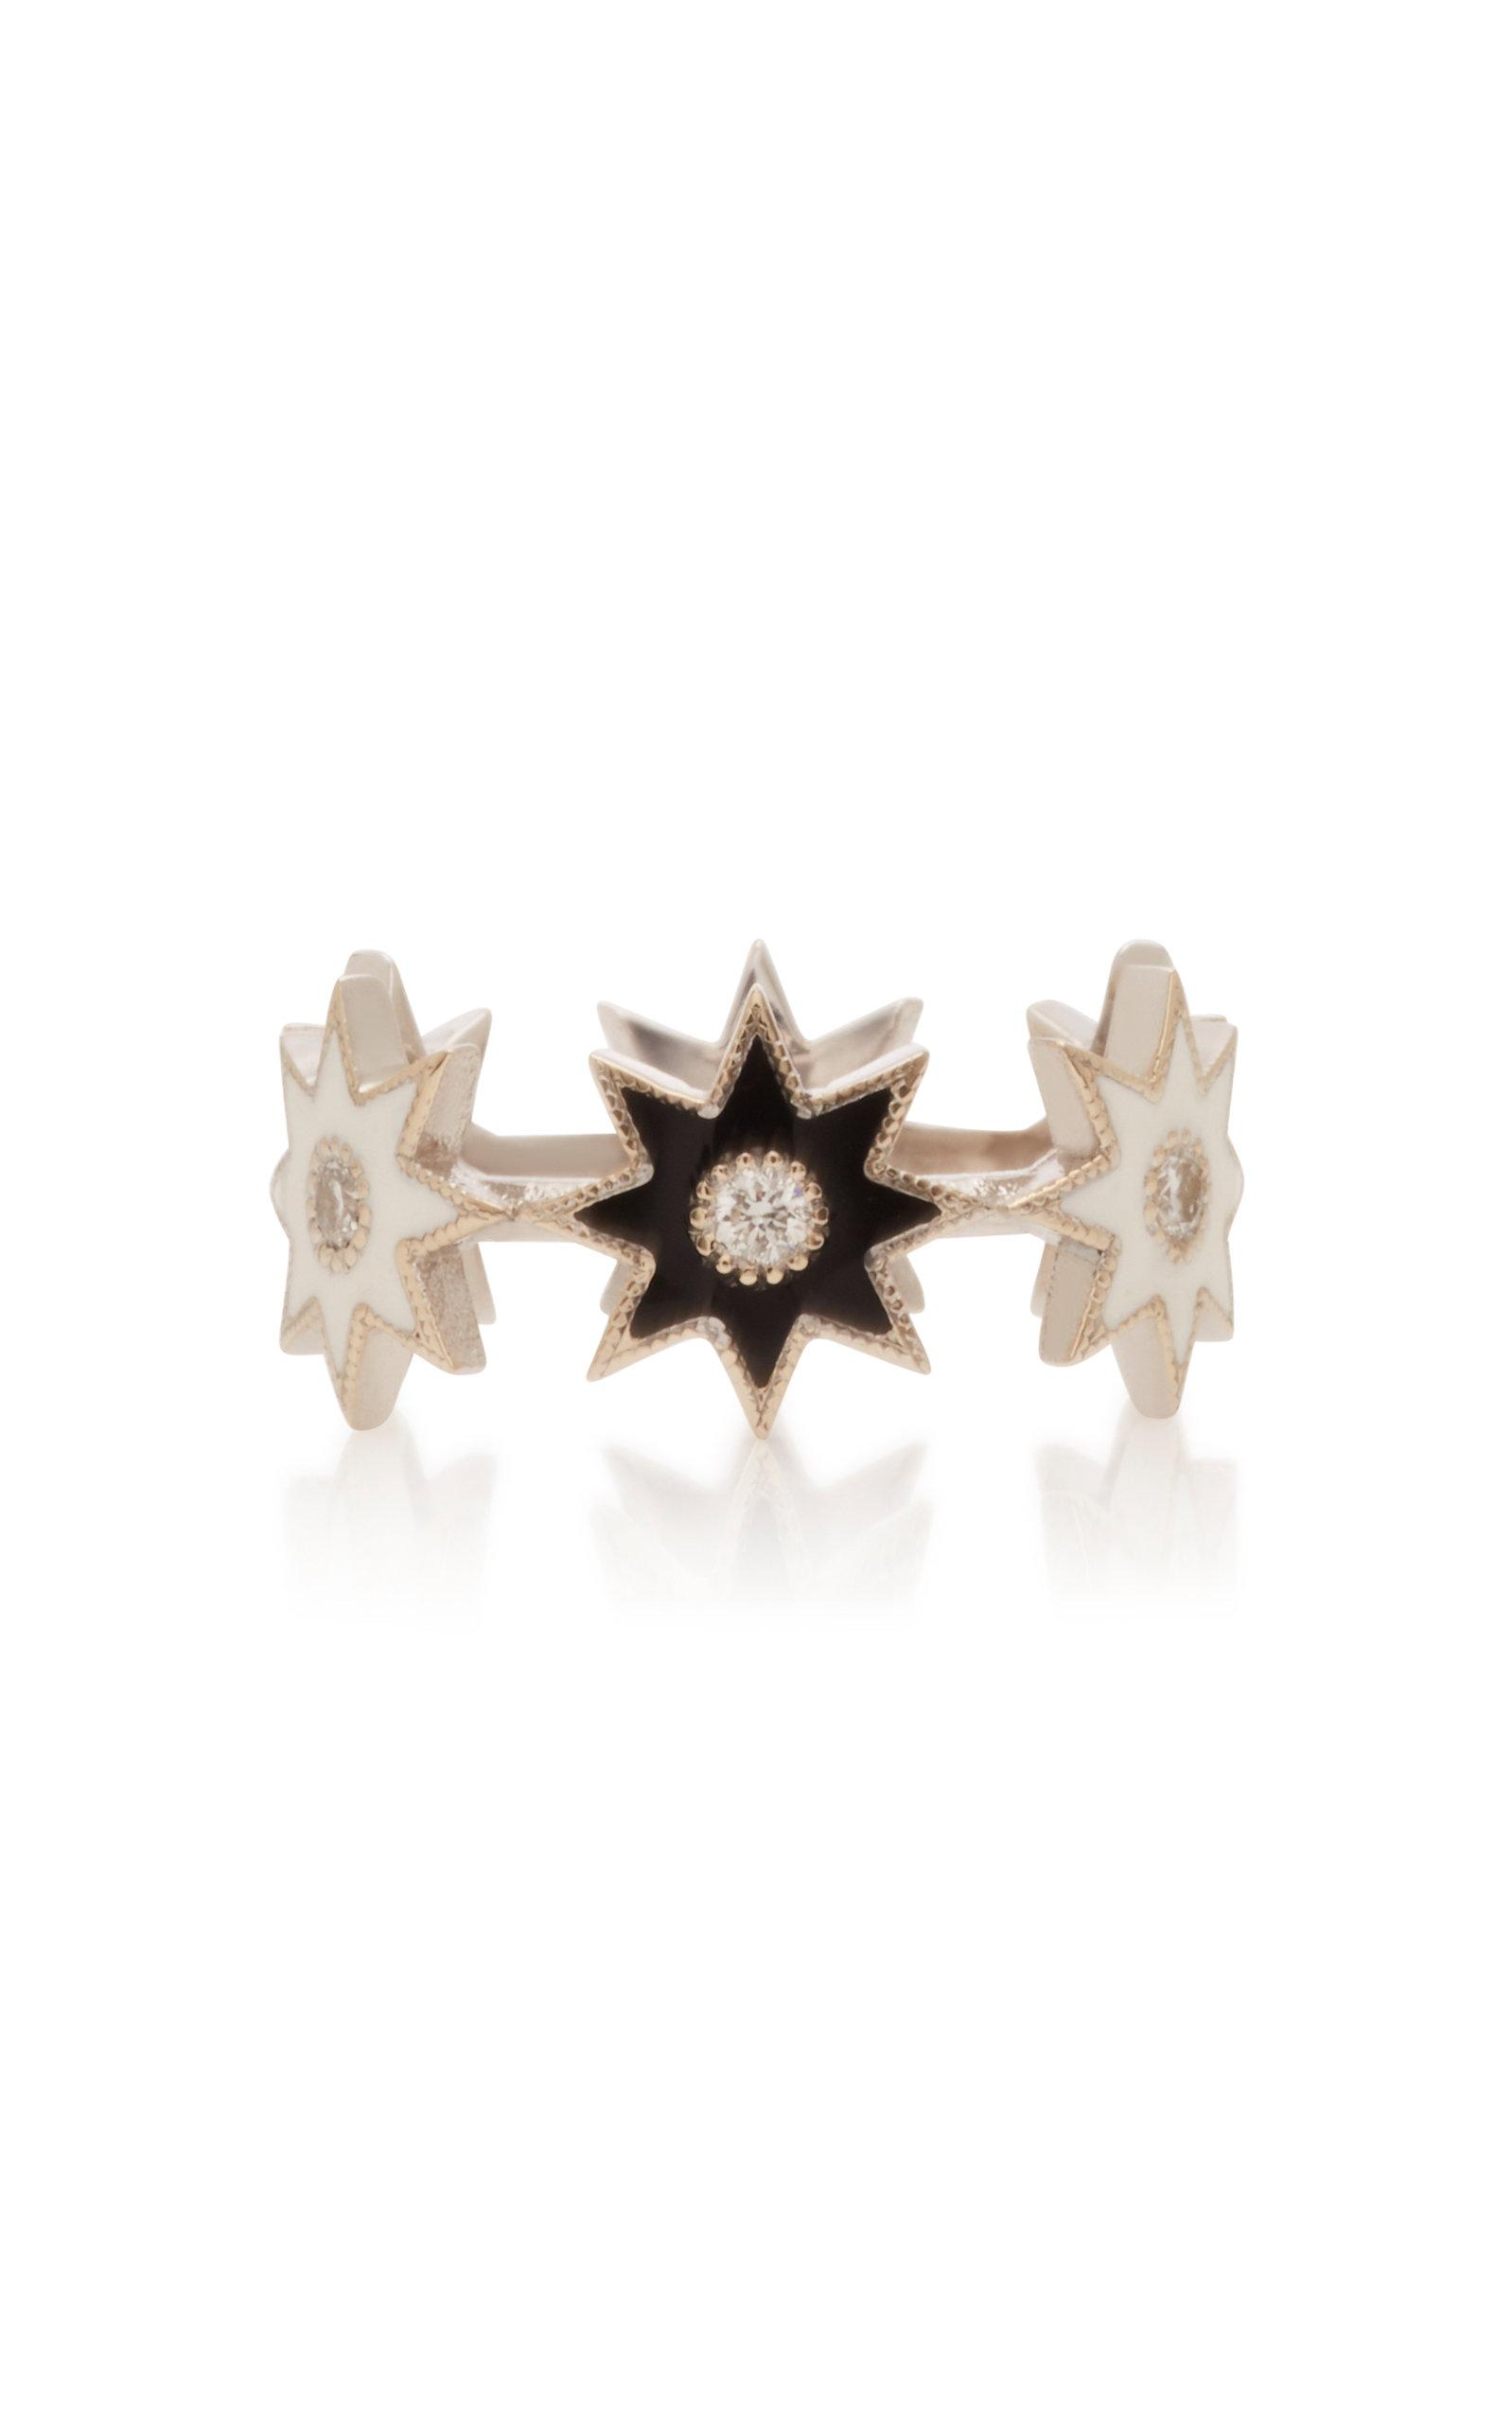 Women's 18K White Gold; Enamel And Diamond Ring